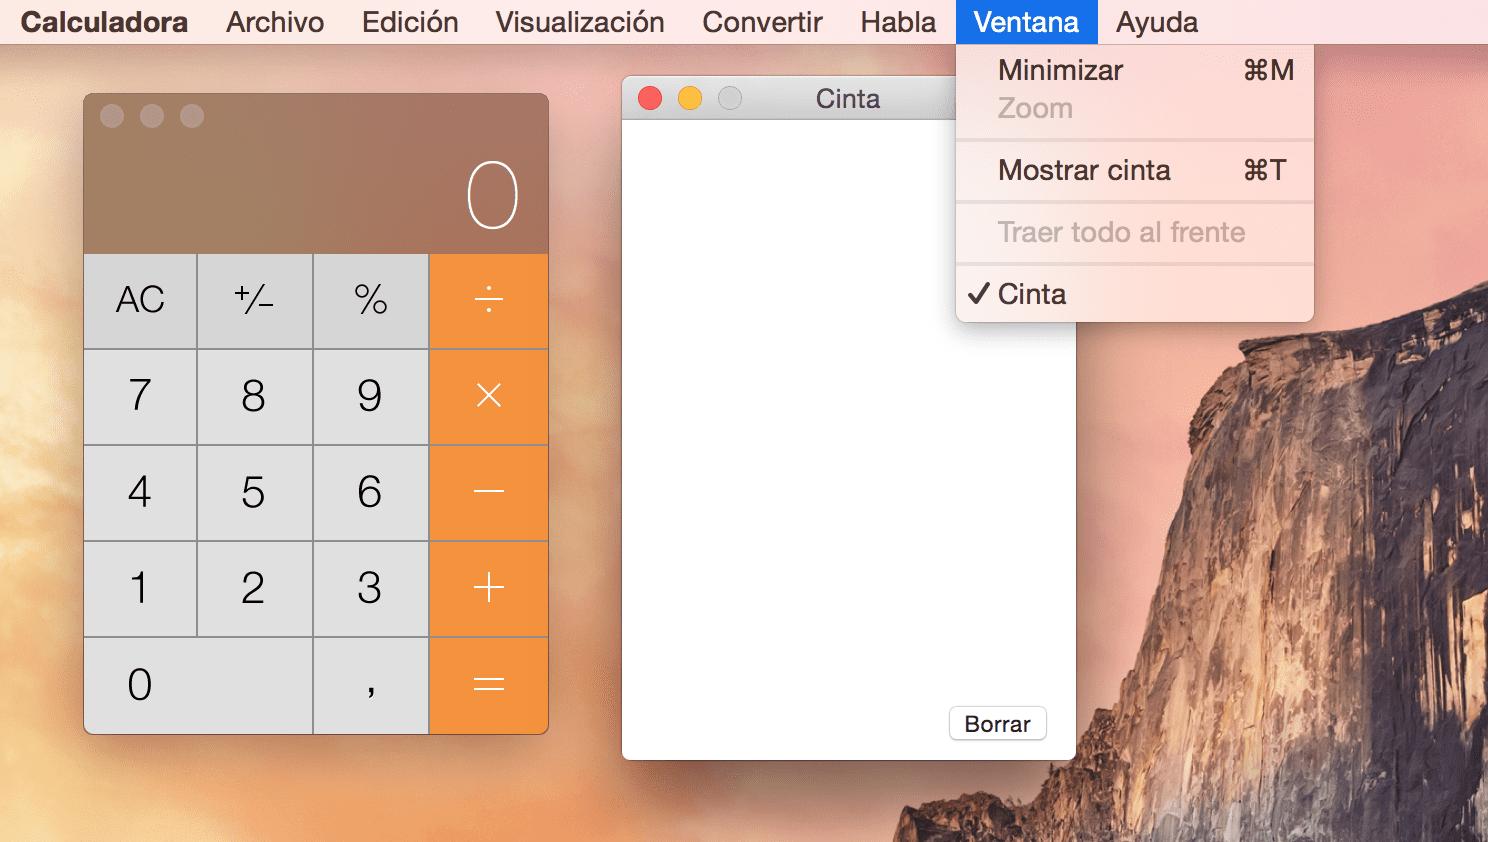 Toma notas en la cinta de la calculadora de OS X